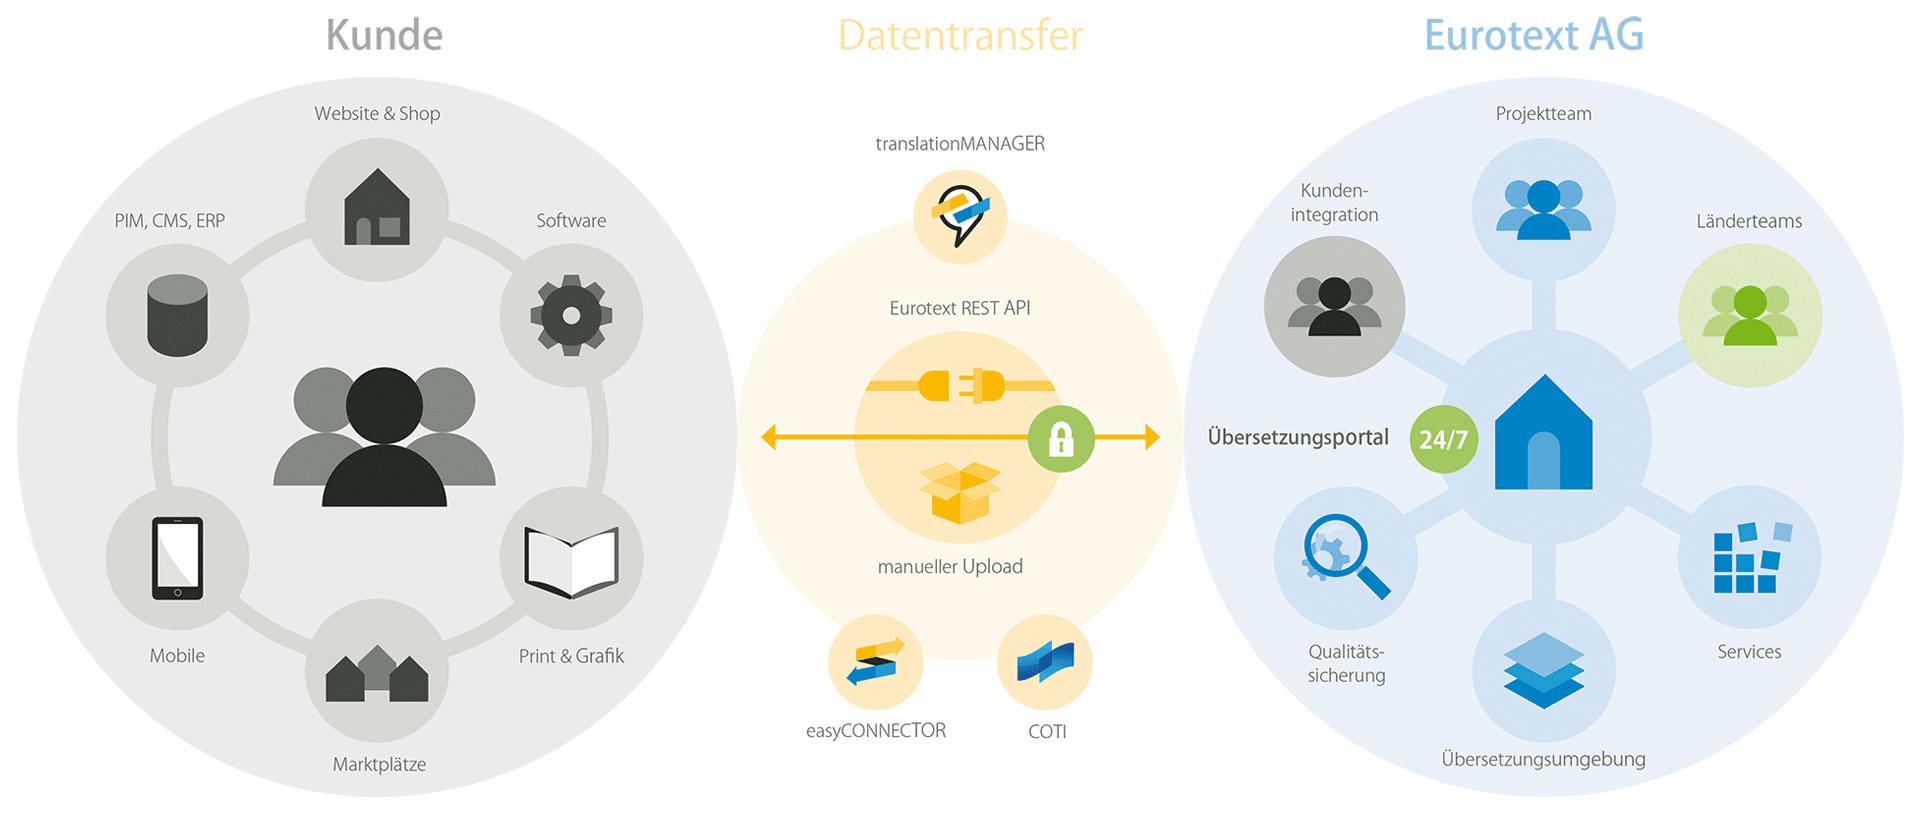 Eurotext-Workflow